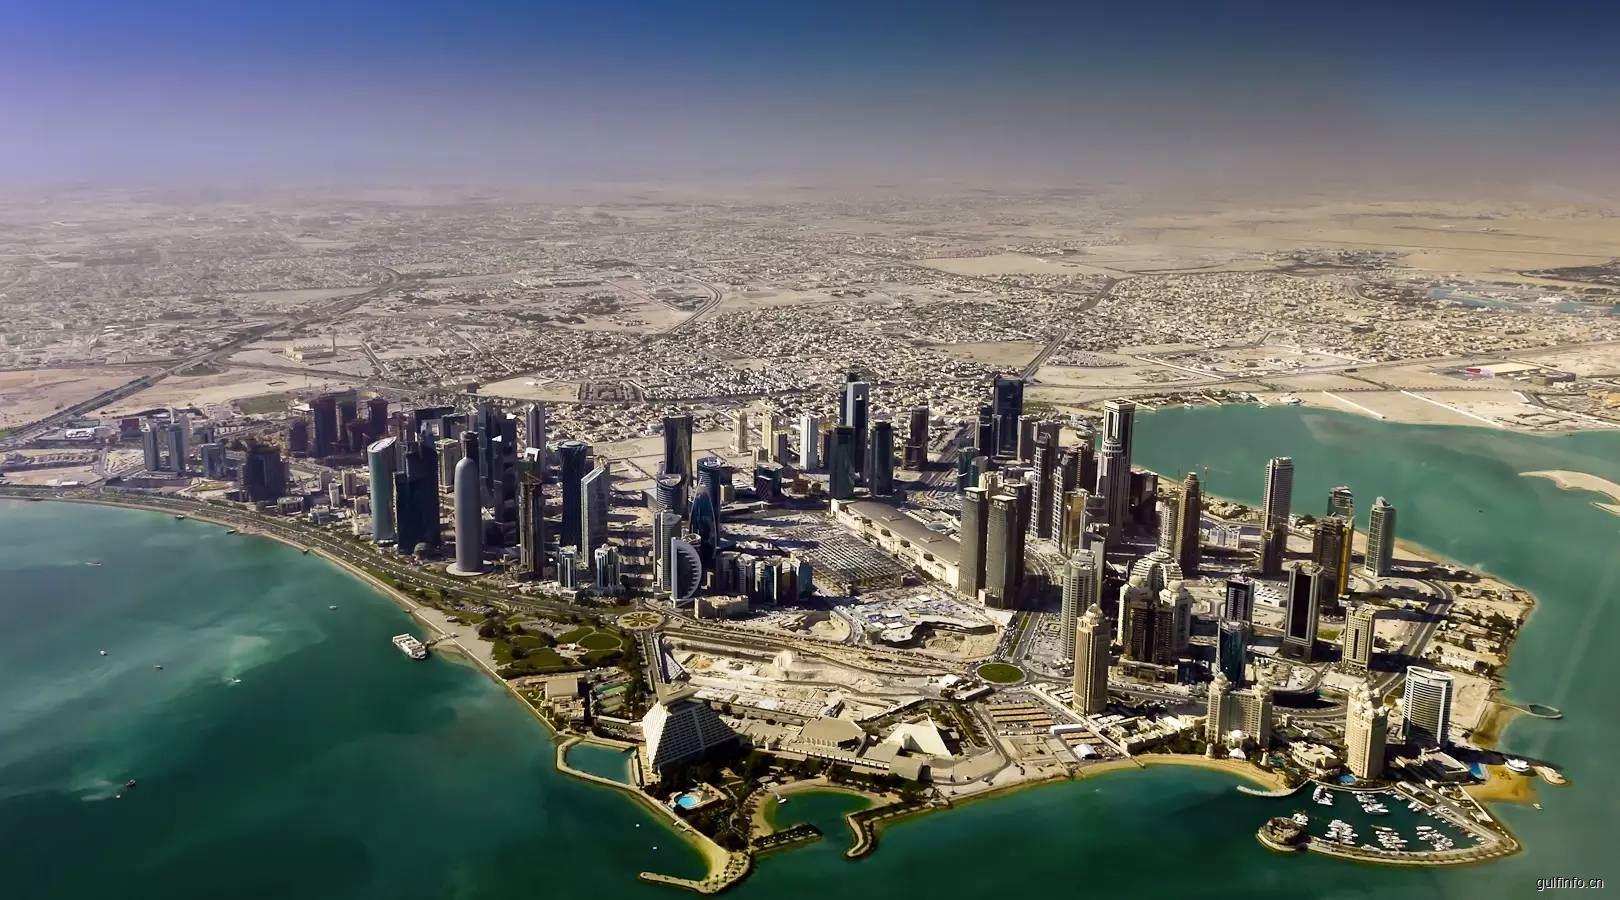 中东北非各国期待旅游业复苏